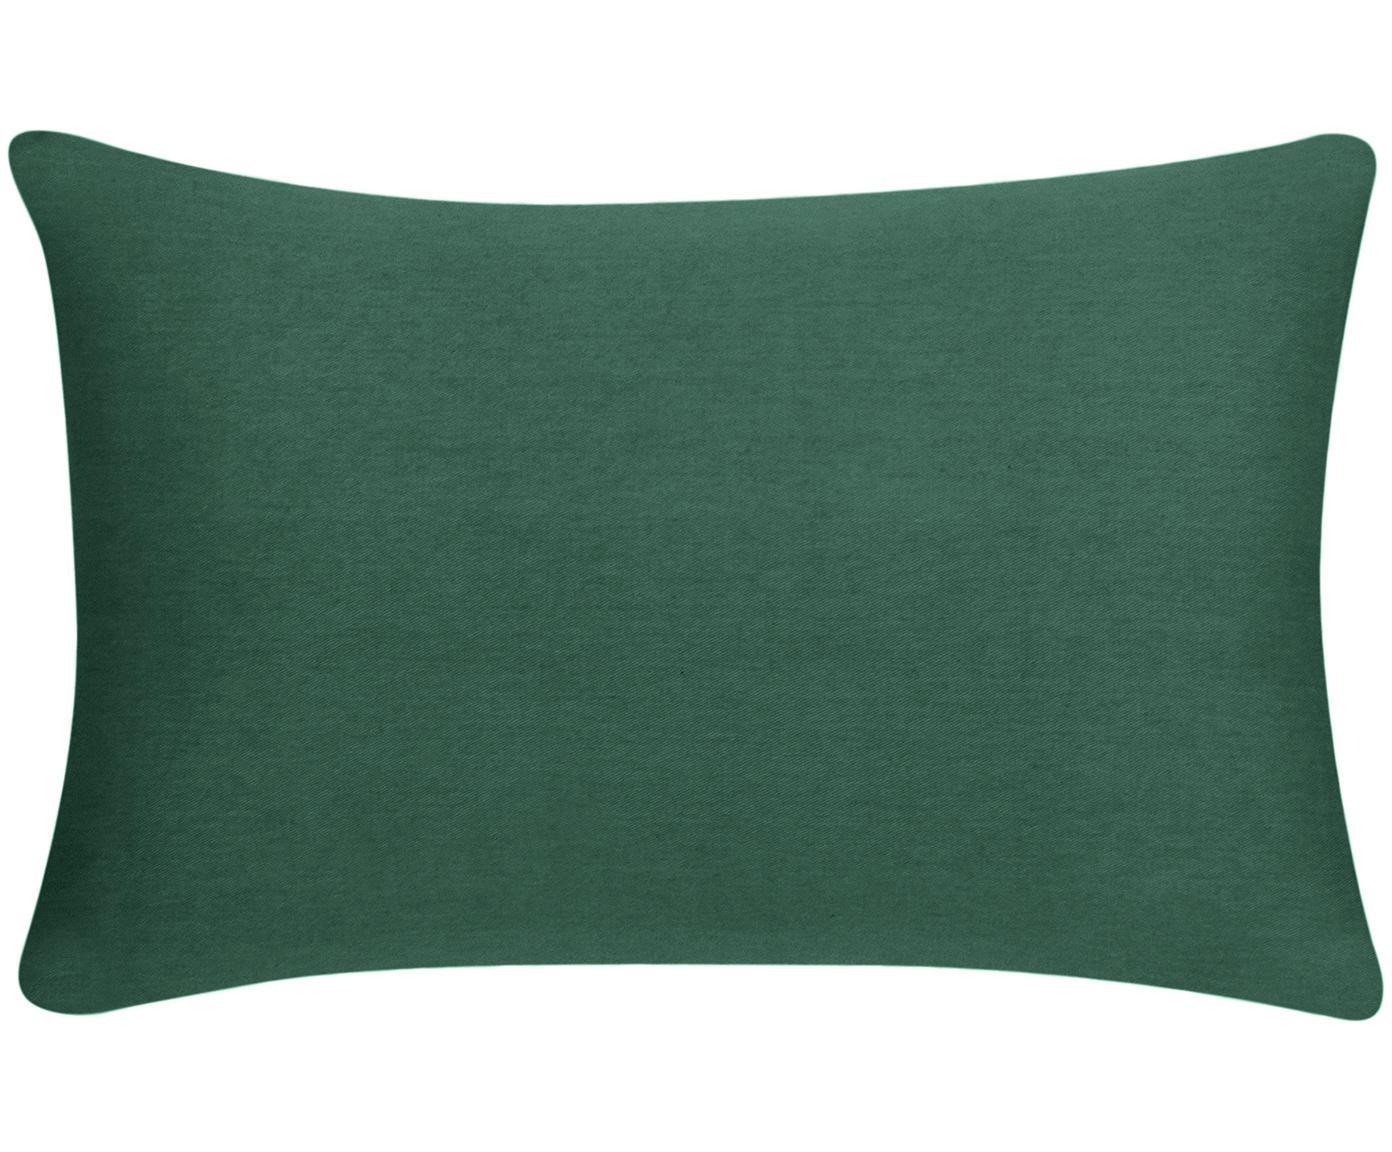 Kussenhoes Mads, 100% katoen, Groen, 30 x 50 cm